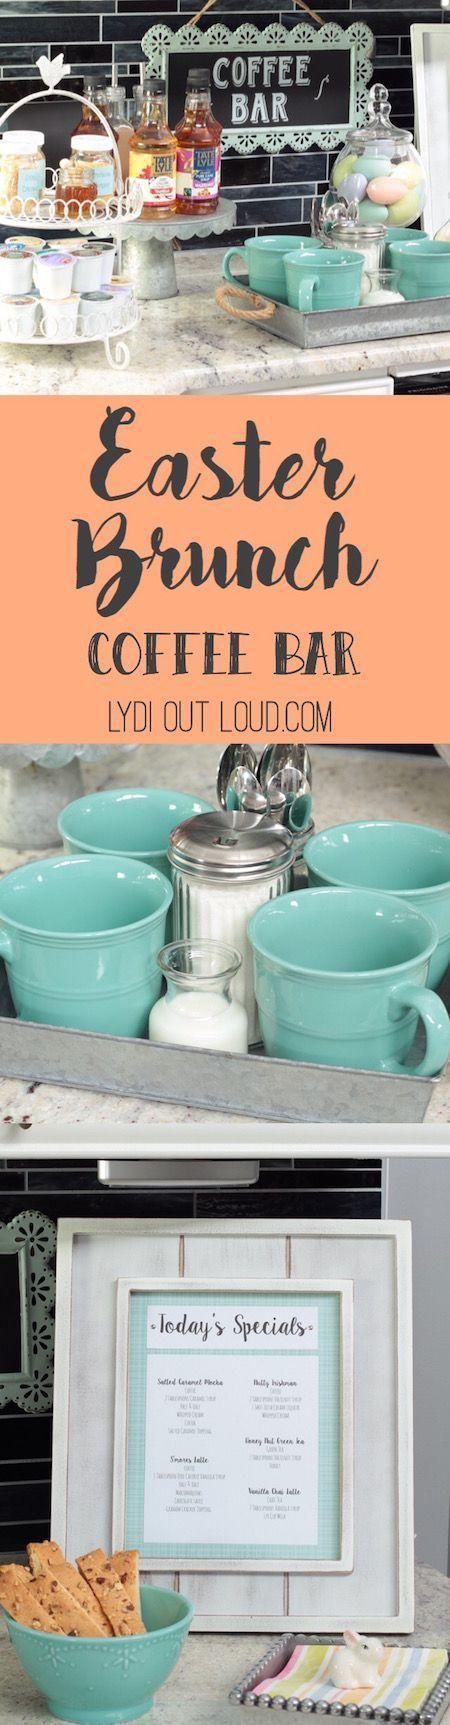 Brunch Coffee Bar Easter Brunch Bar Easter Brunch Menu Easter Brunch